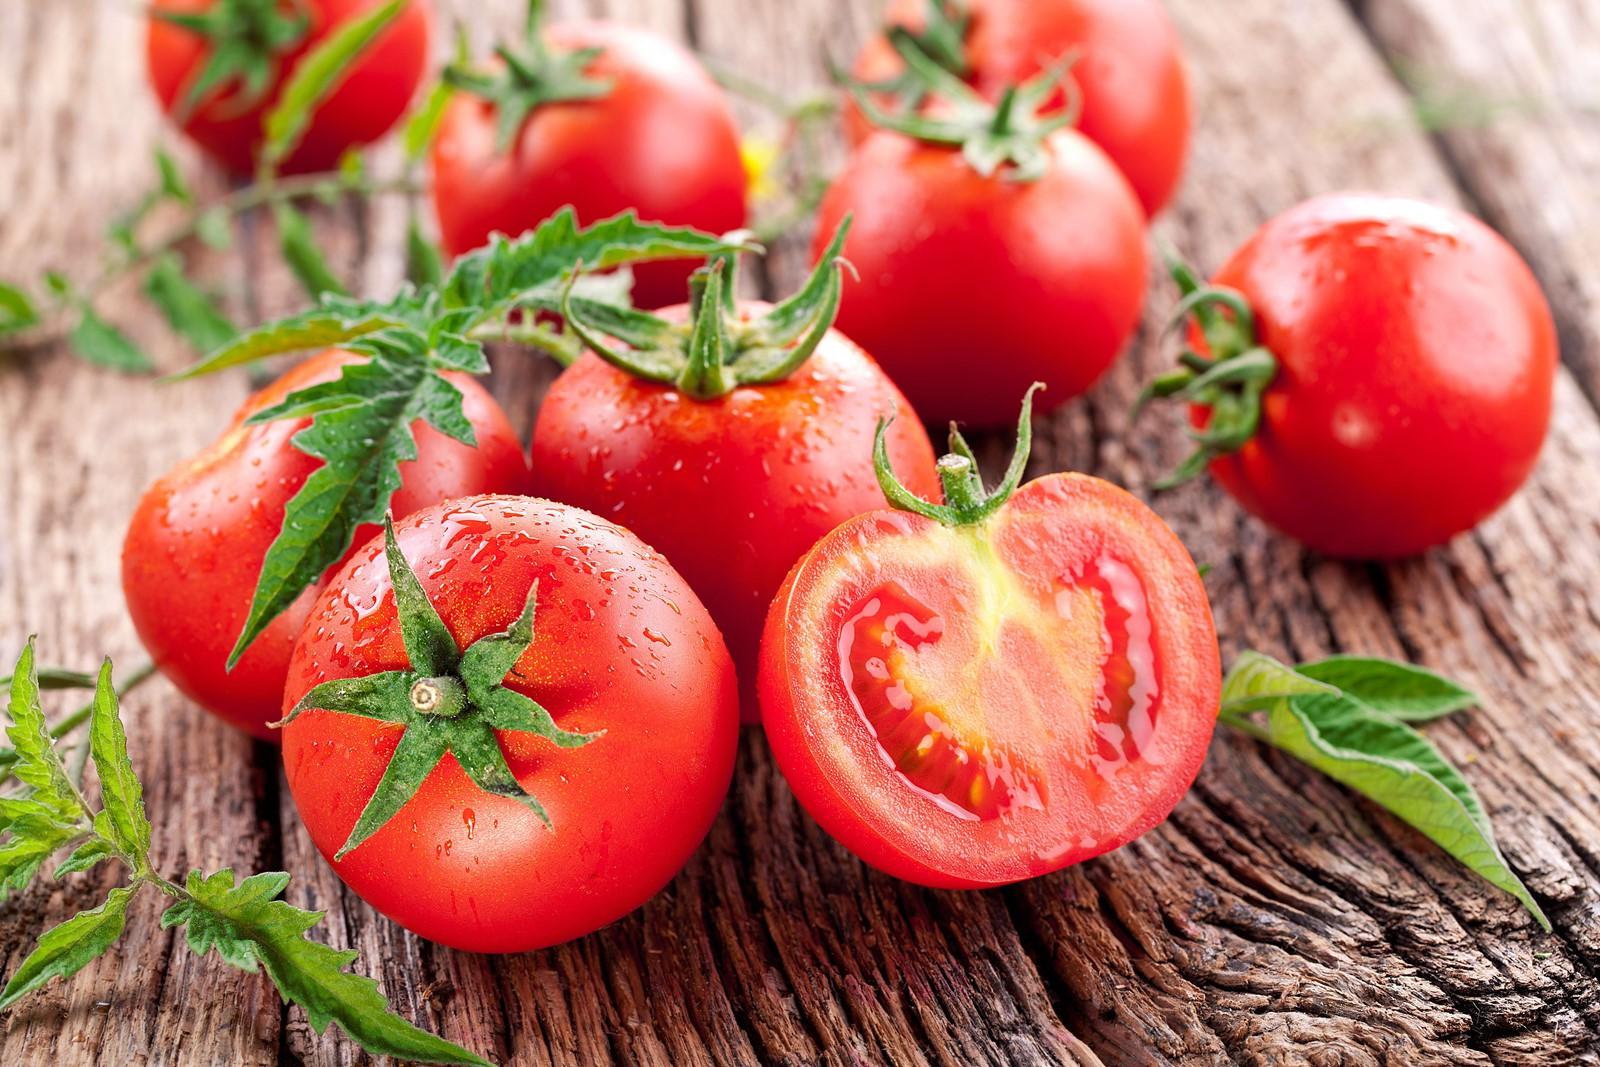 Những loại trái cây ít đường dành cho người có vấn đề về đường huyết - Ảnh 6